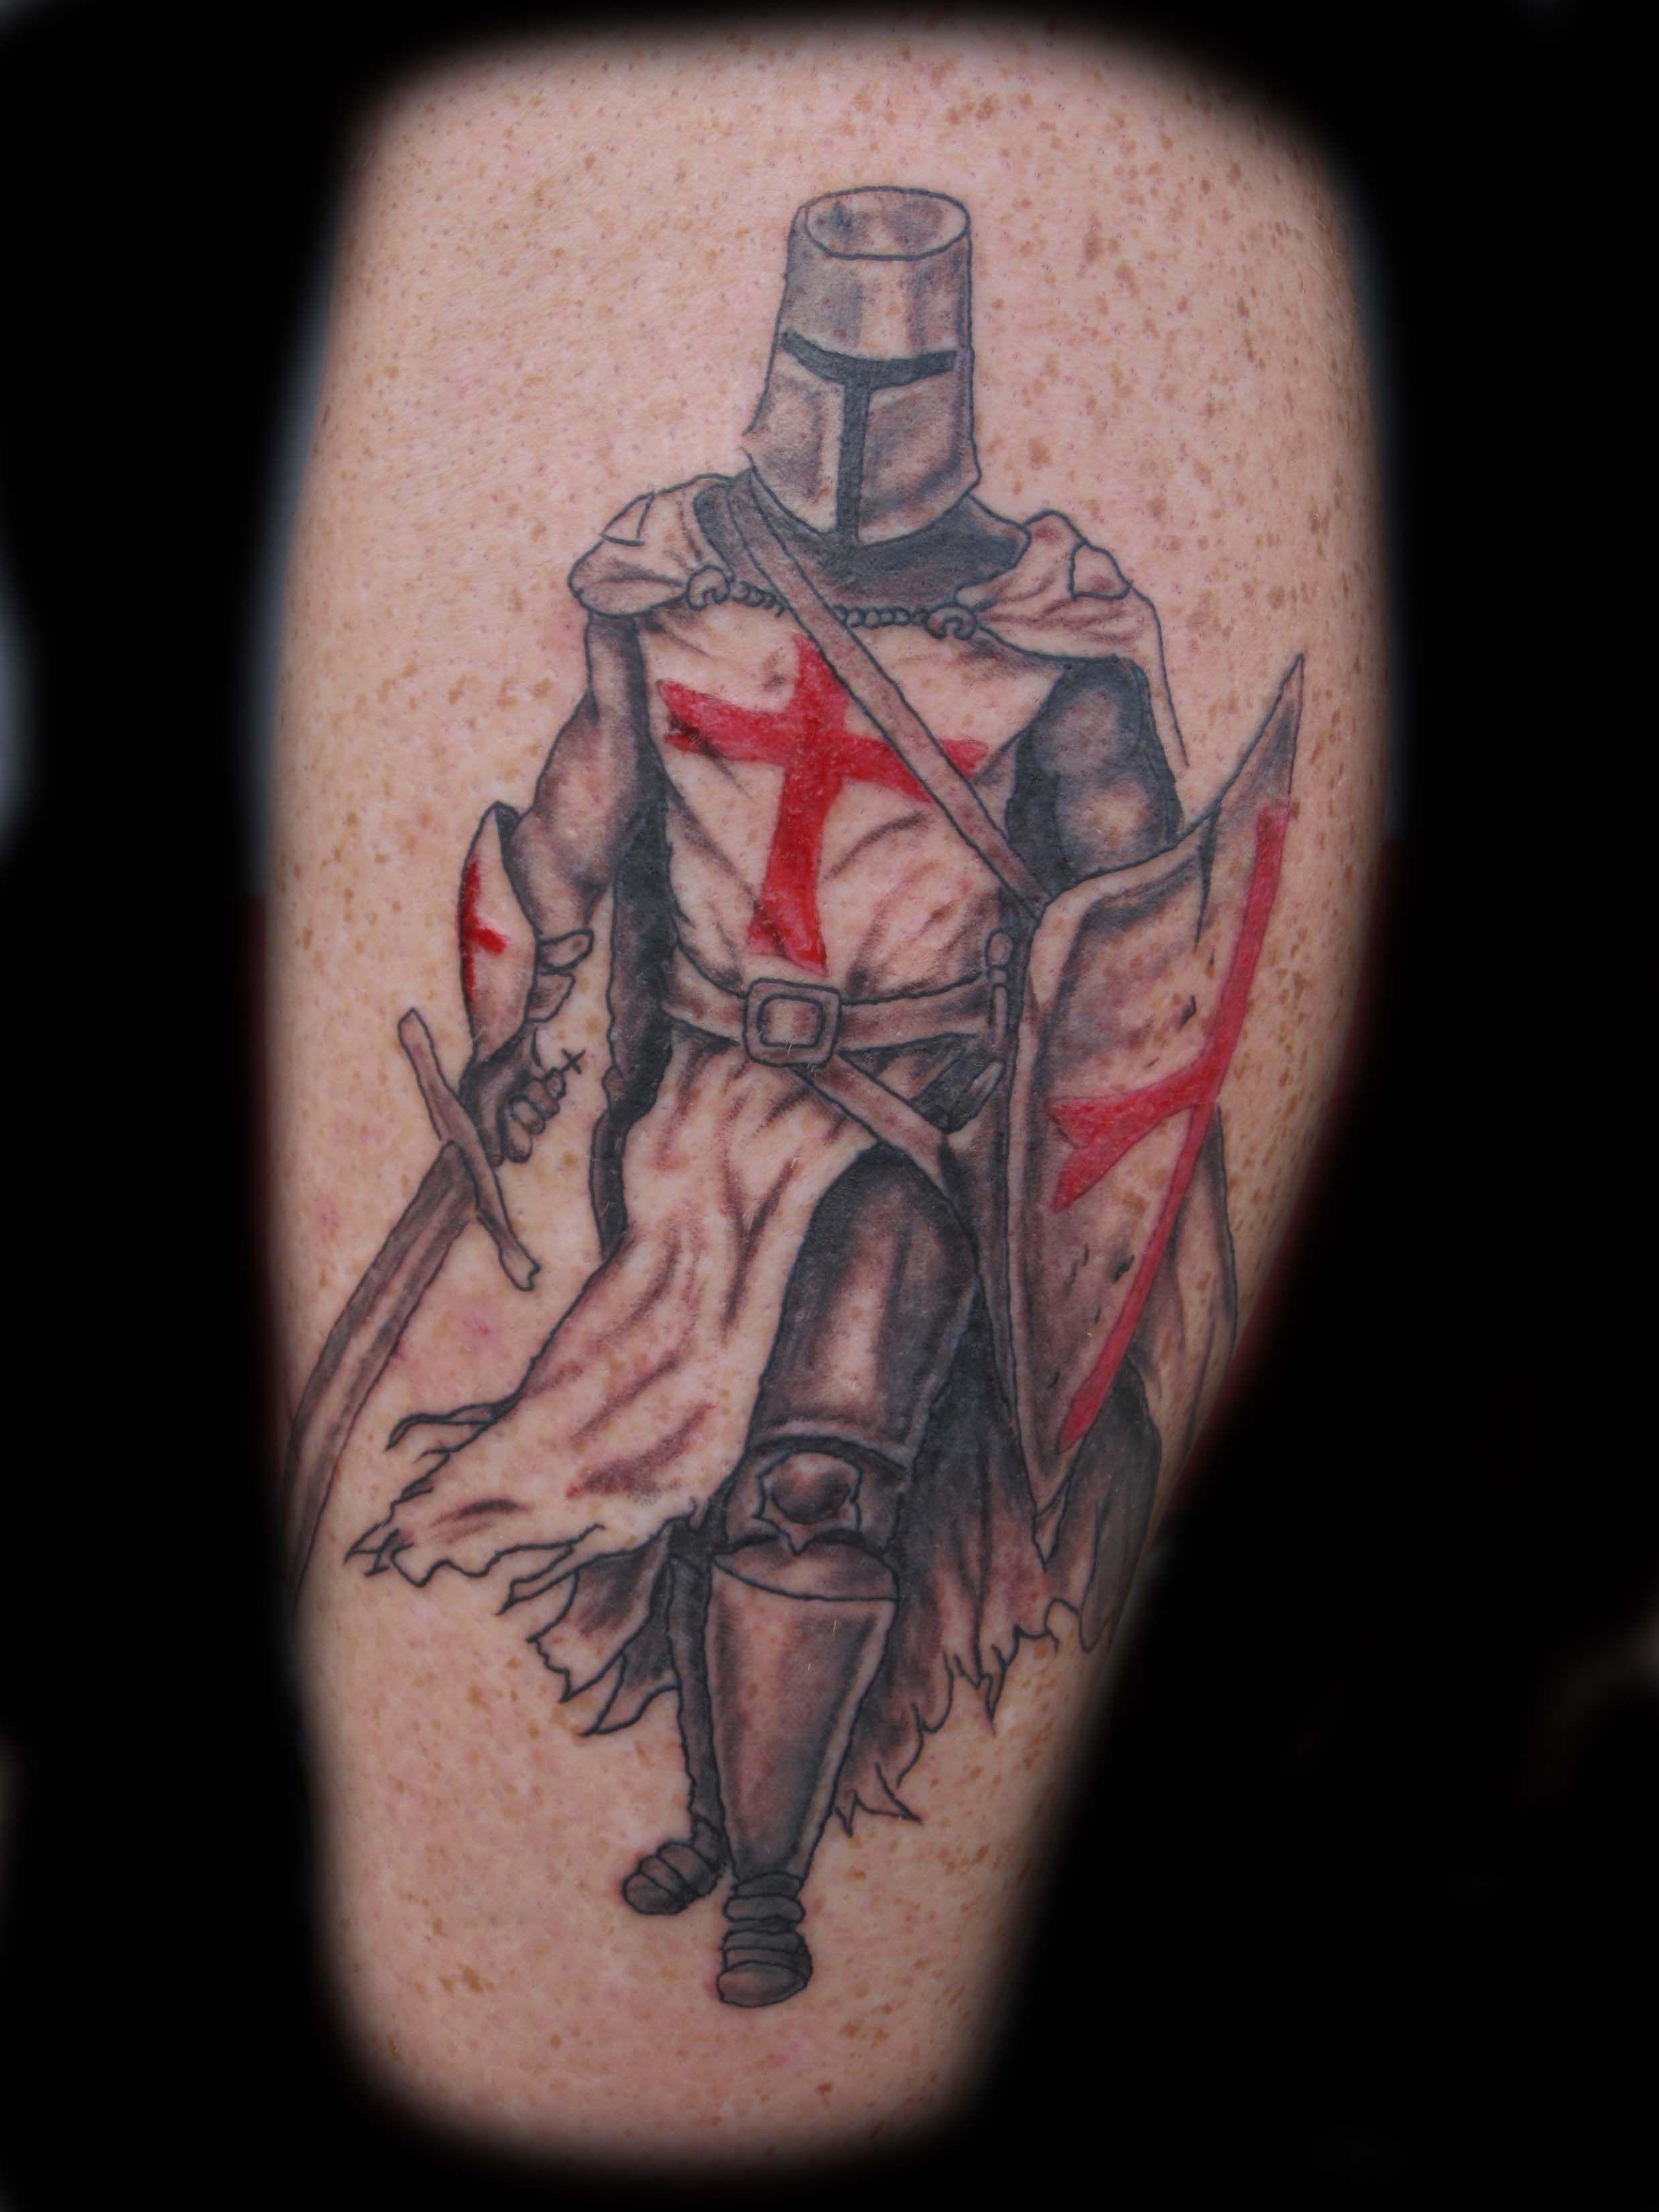 Templar knight tattoo, knight tattoo, warrior tattoo